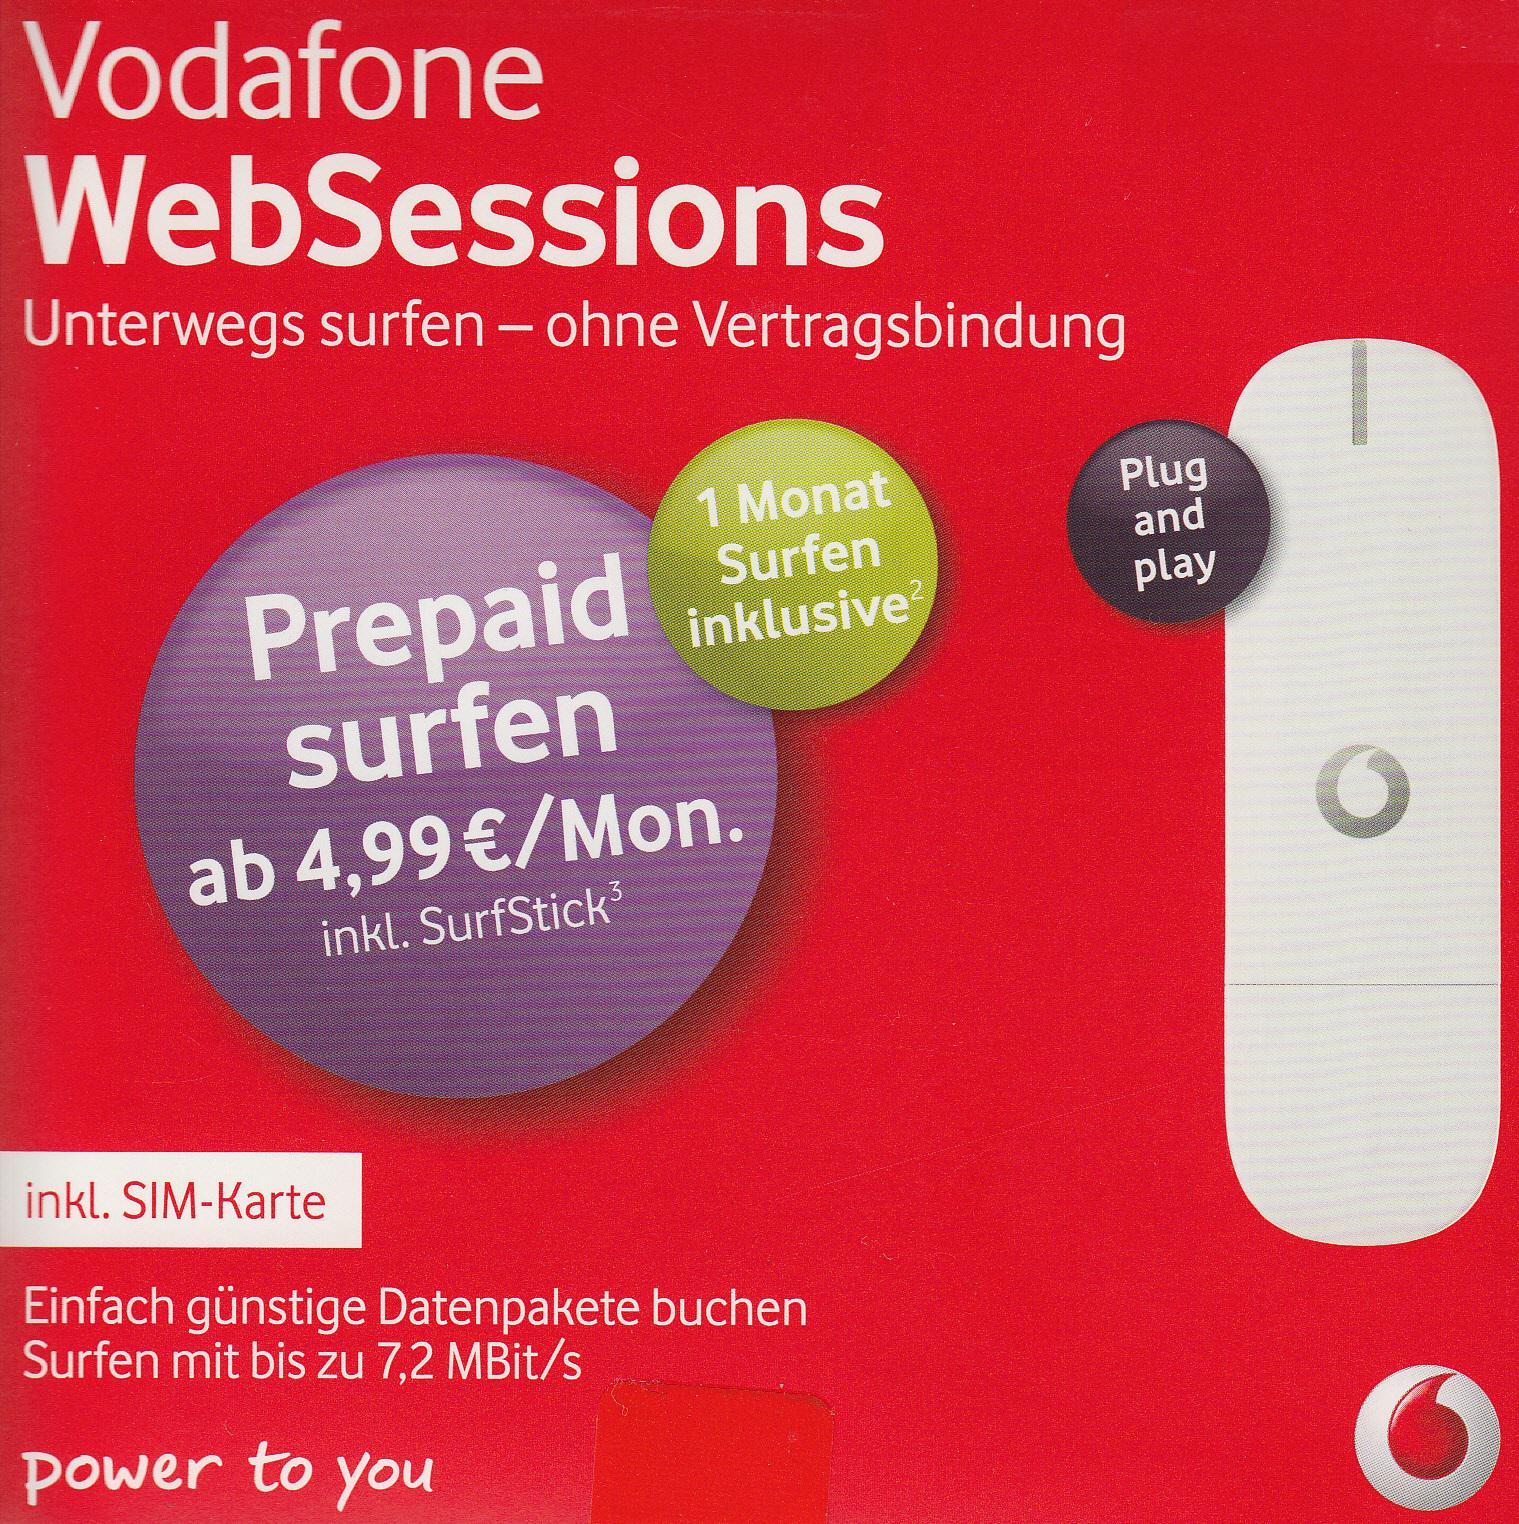 vodafone.de aufladen online